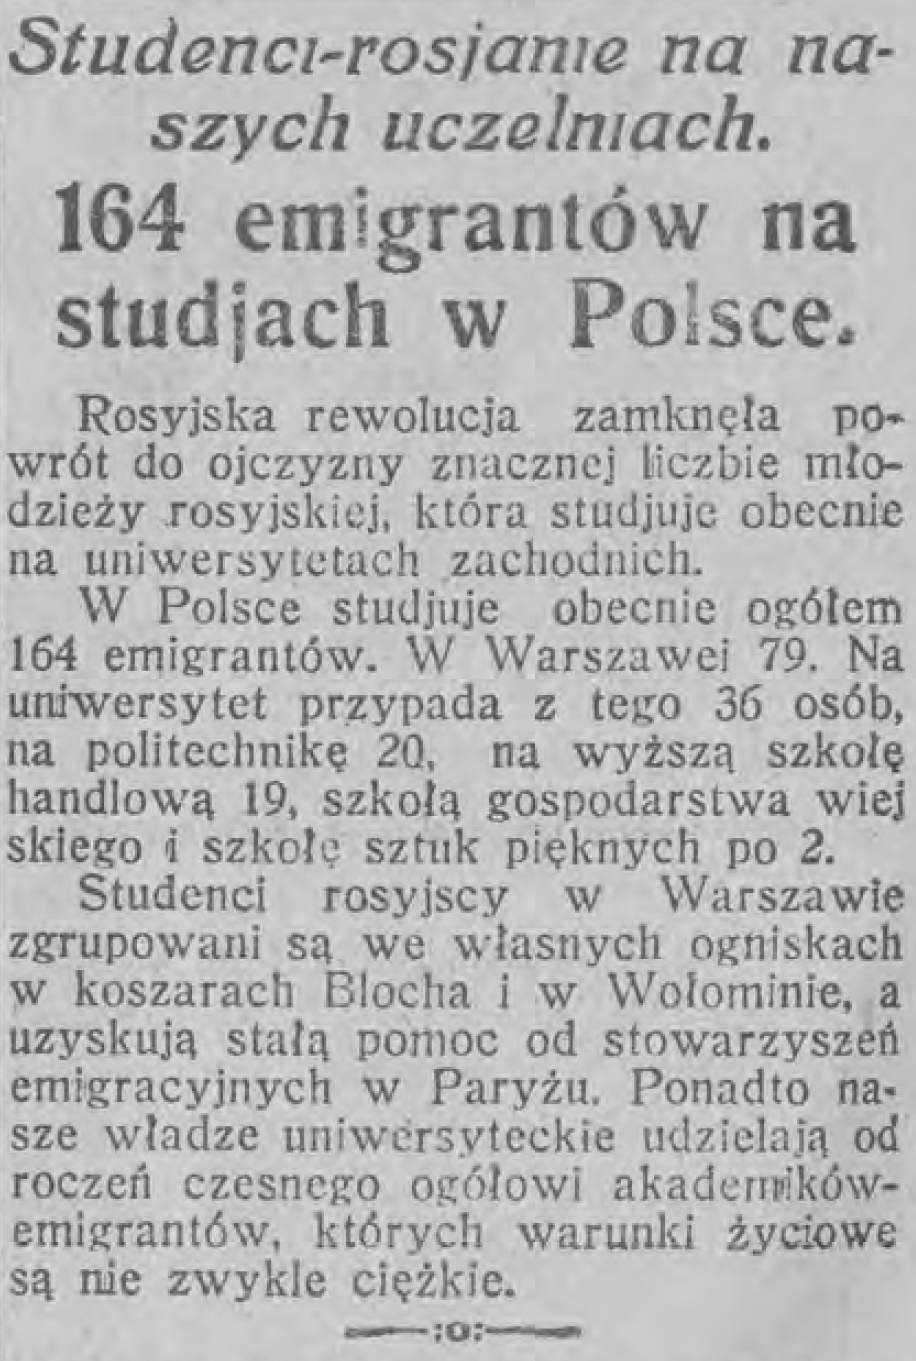 Ognisko rosyjskich emigrantów w Wołominie